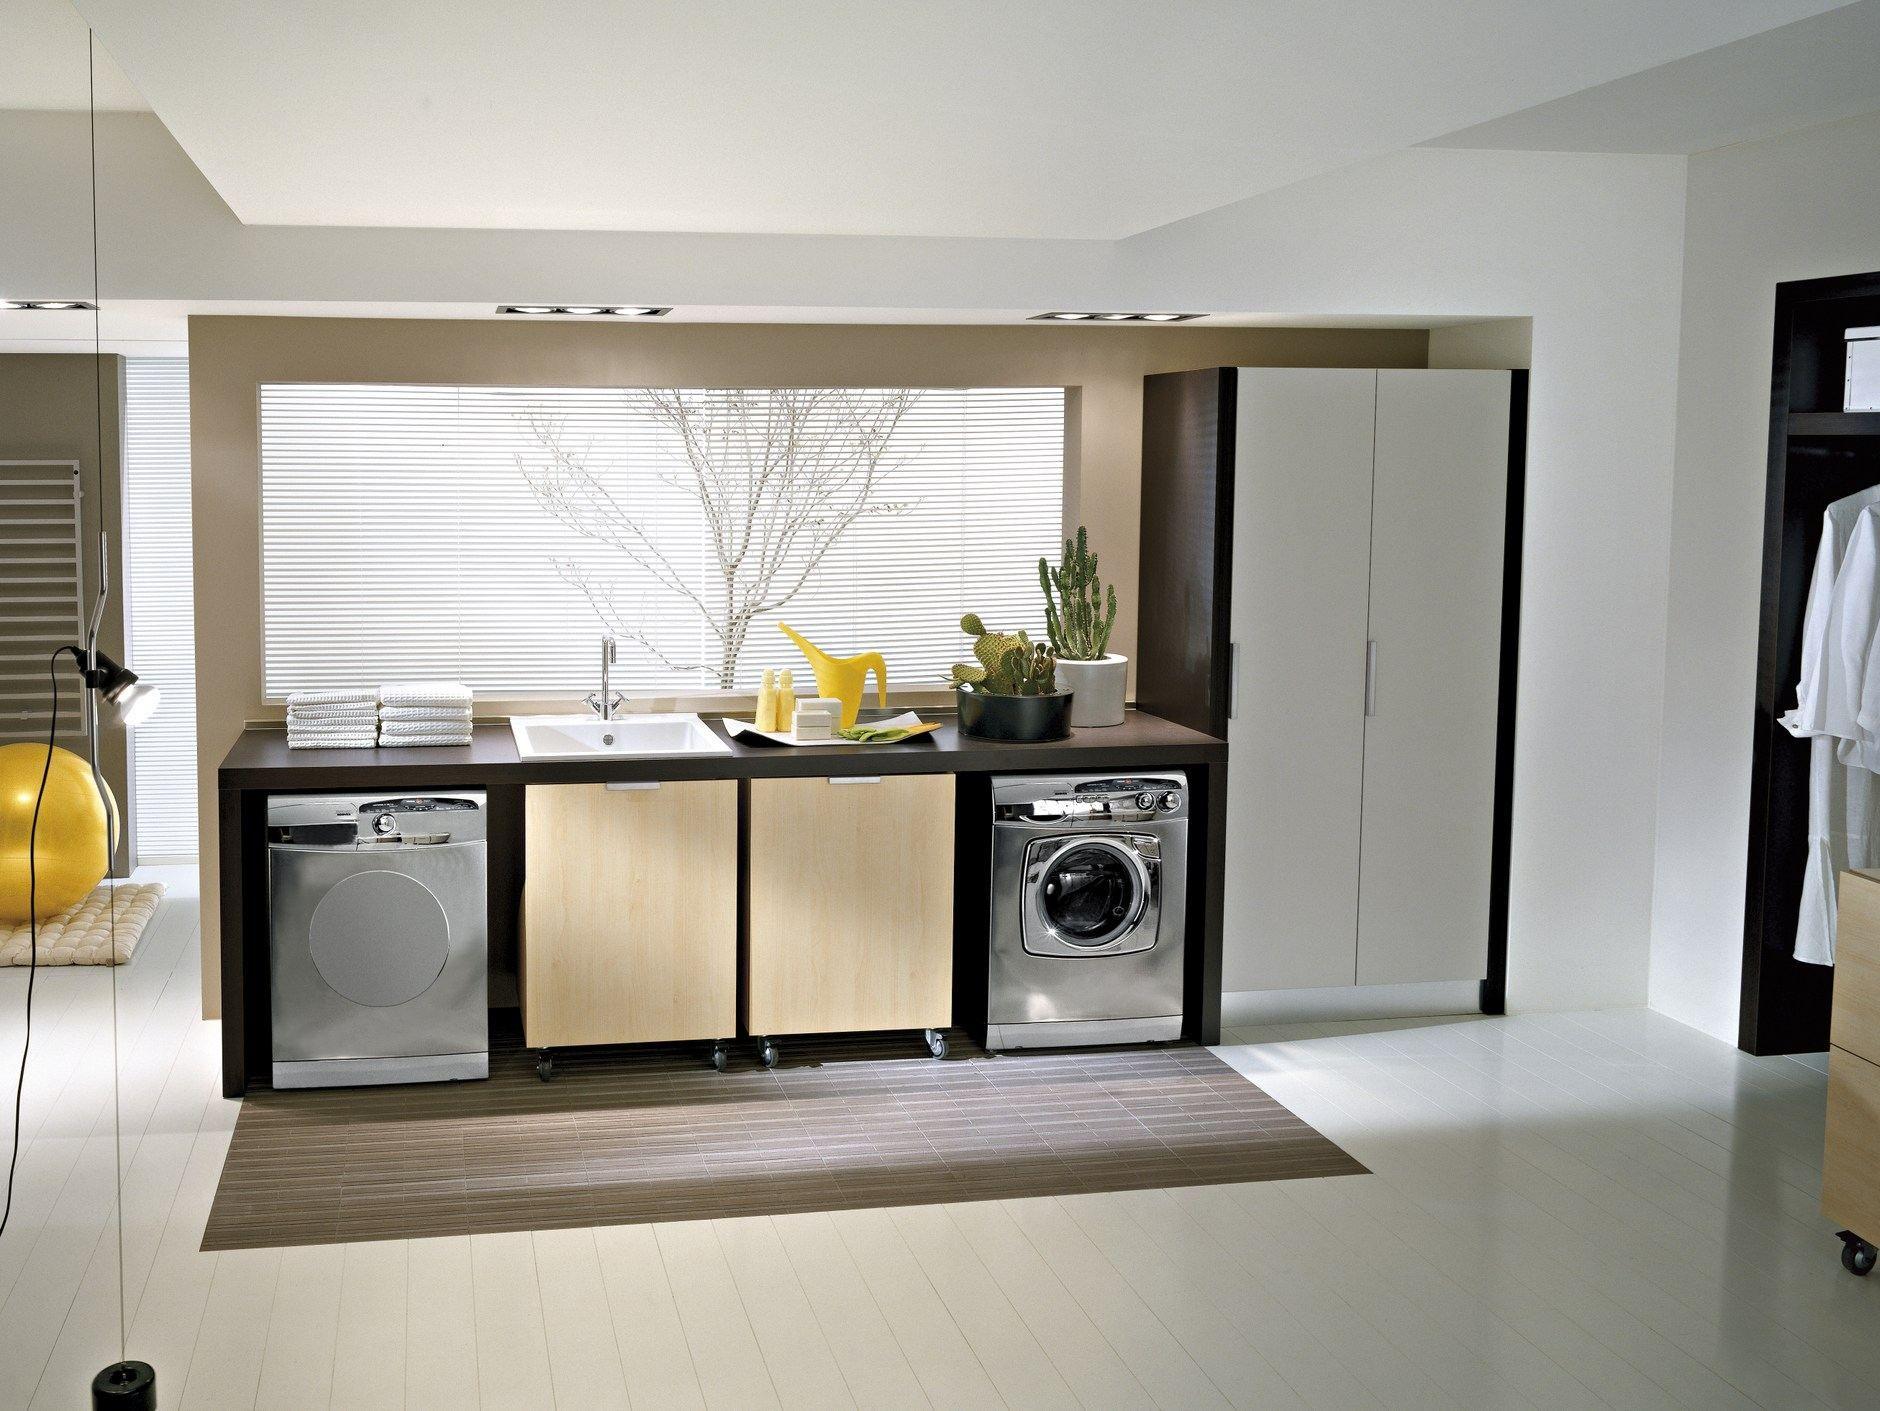 Cucine Con Ante Scorrevoli A Scomparsa: Dimensioni minime cucina ...